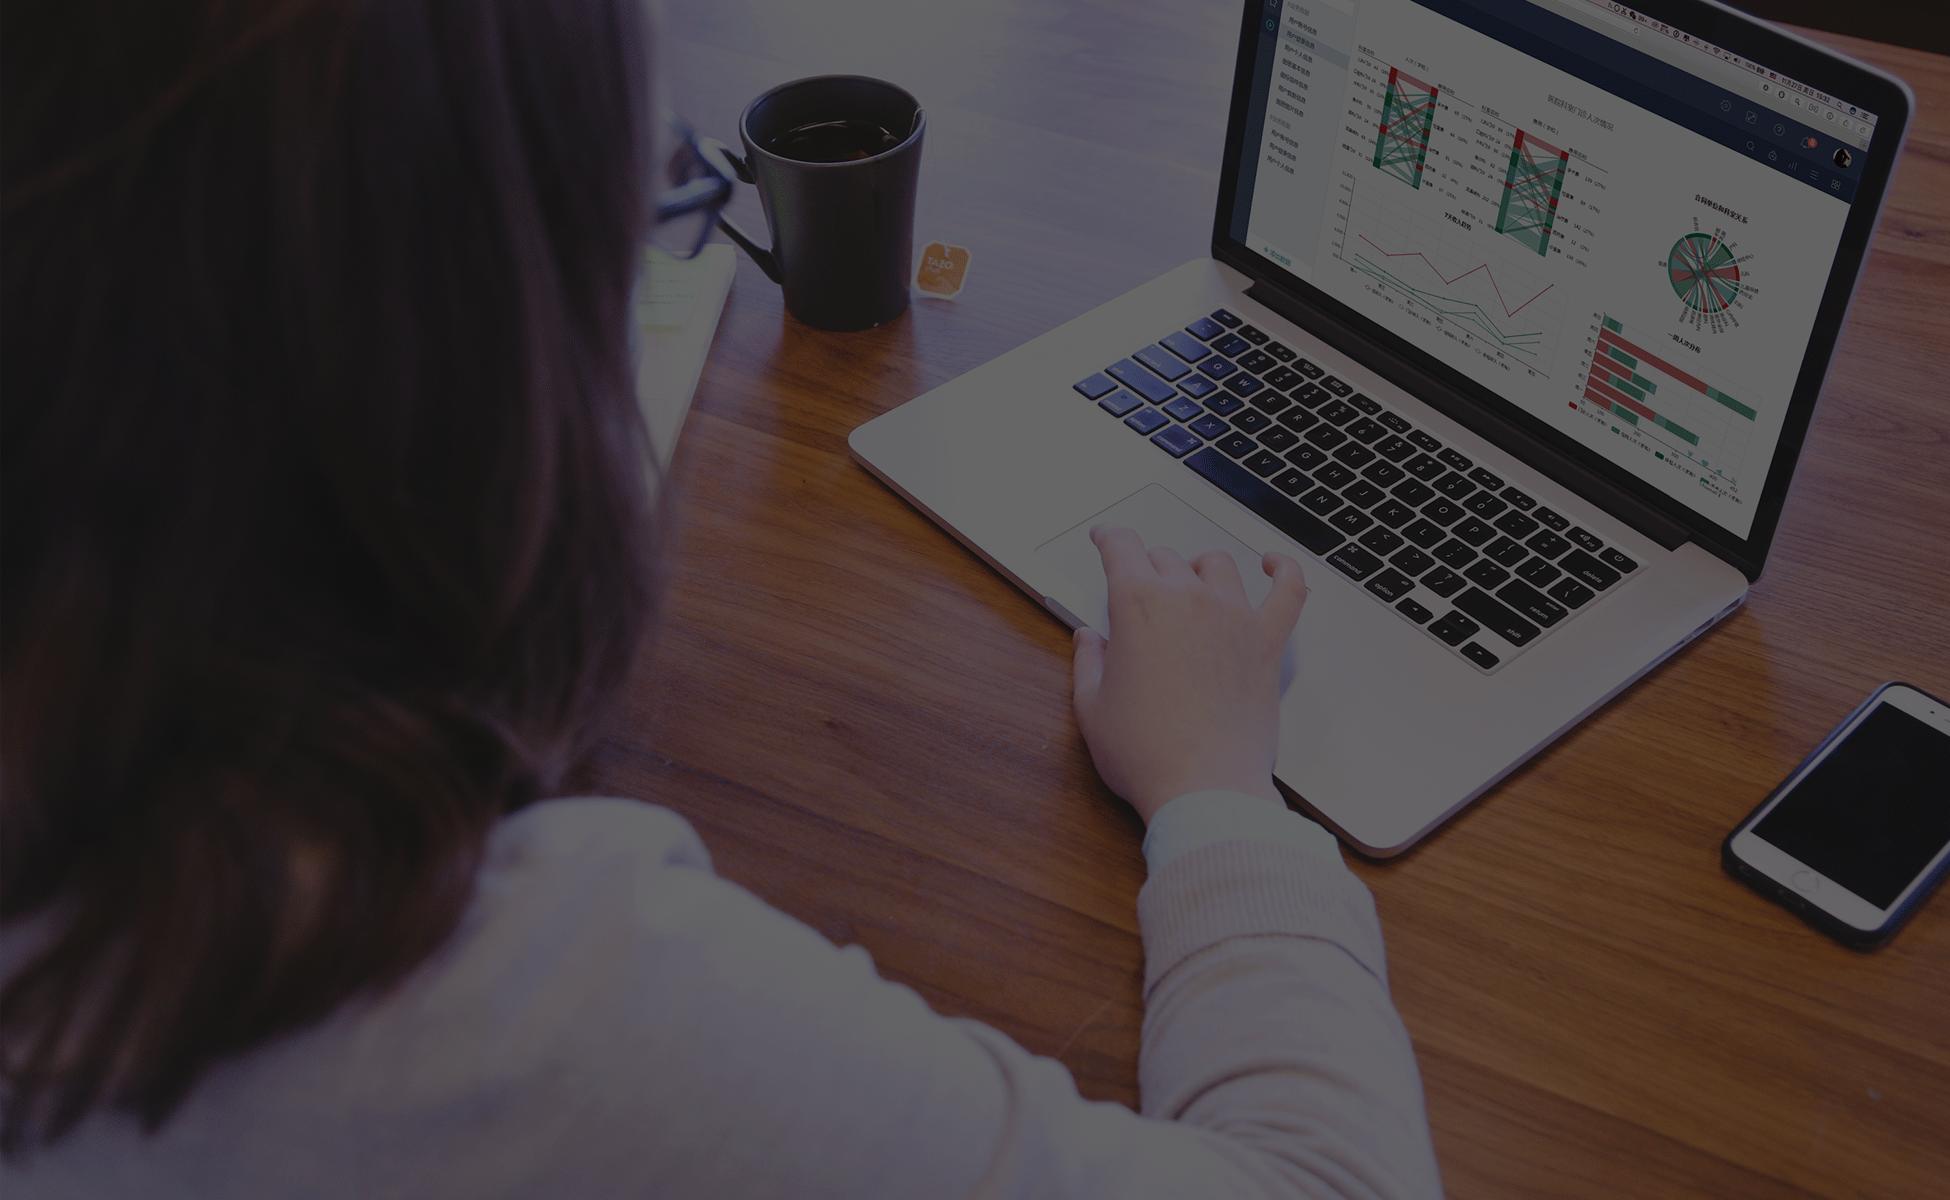 快速实现数据探索与自助分析